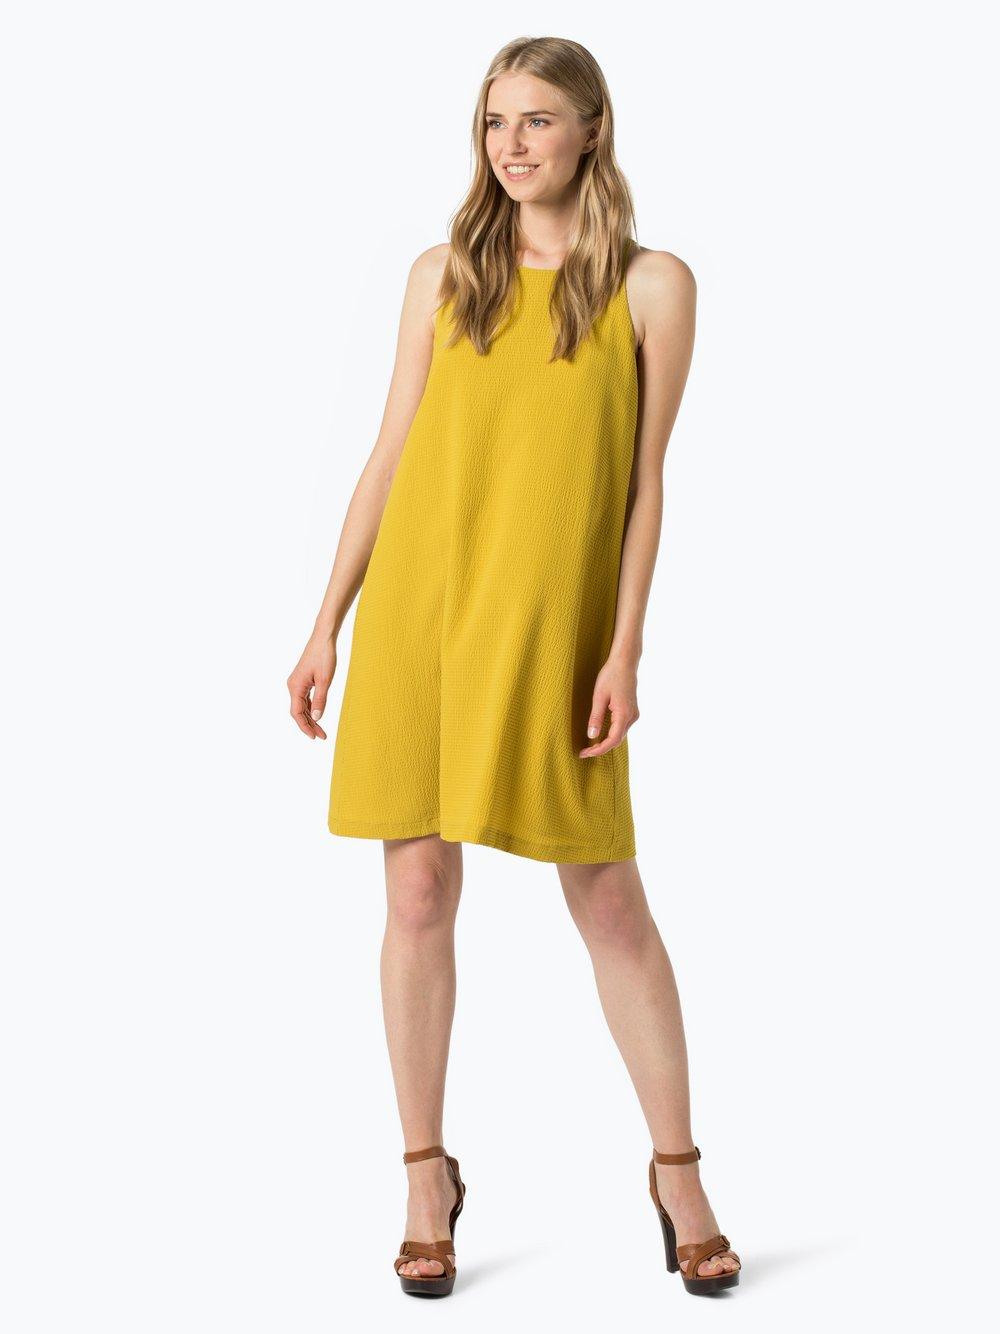 4abe14e8248a84 Opus Damen Kleid - Weria ST online kaufen